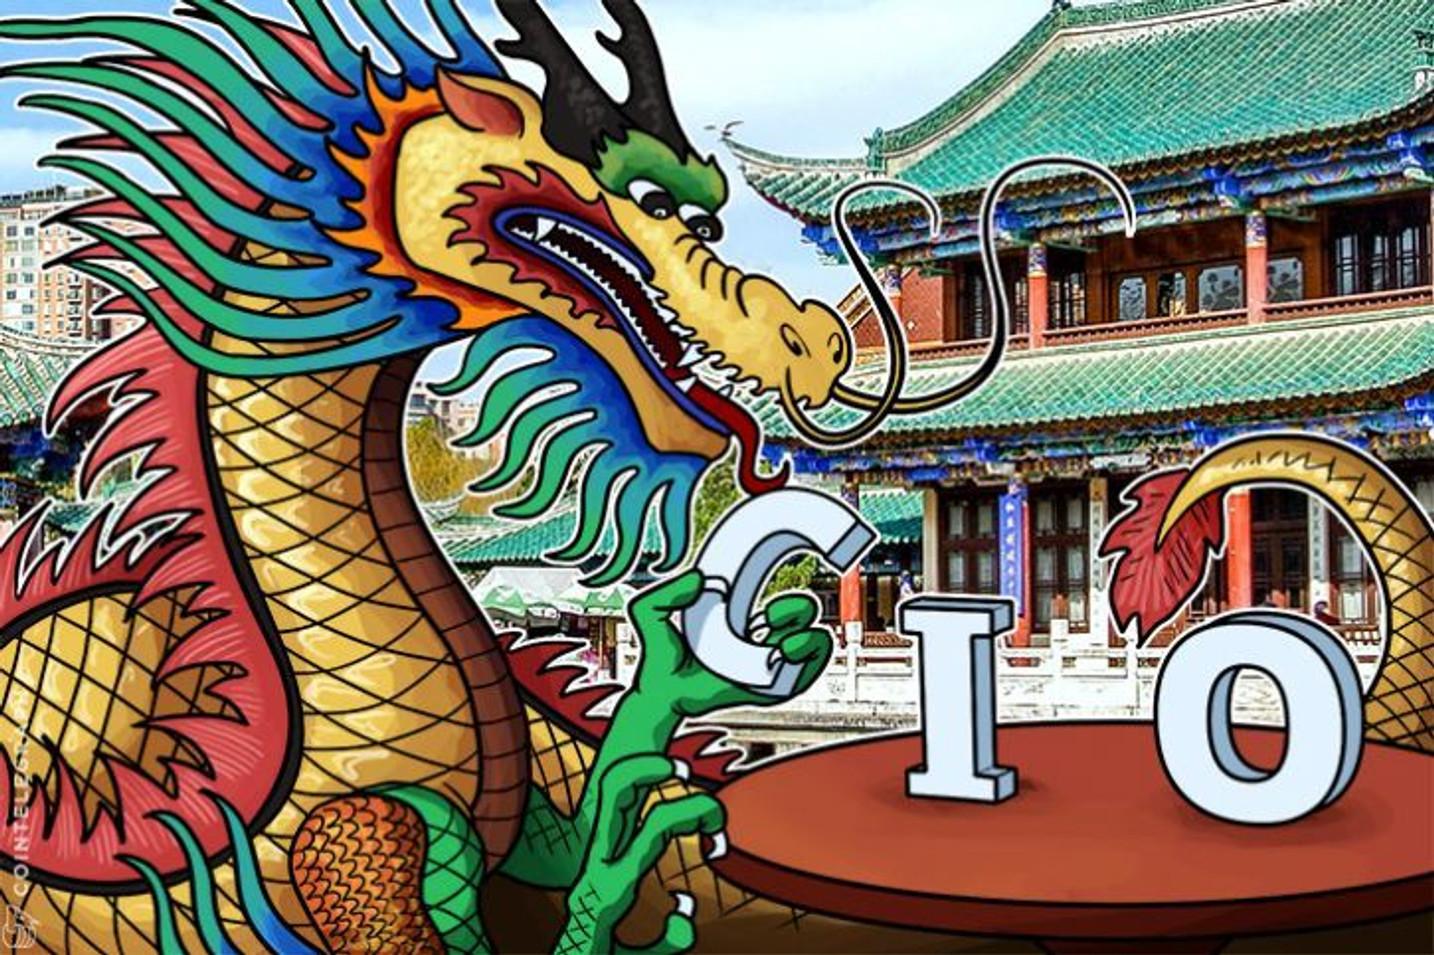 La Asociación Nacional de Finanzas de Internet de China libera advertencia sobre ICO a sus miembros